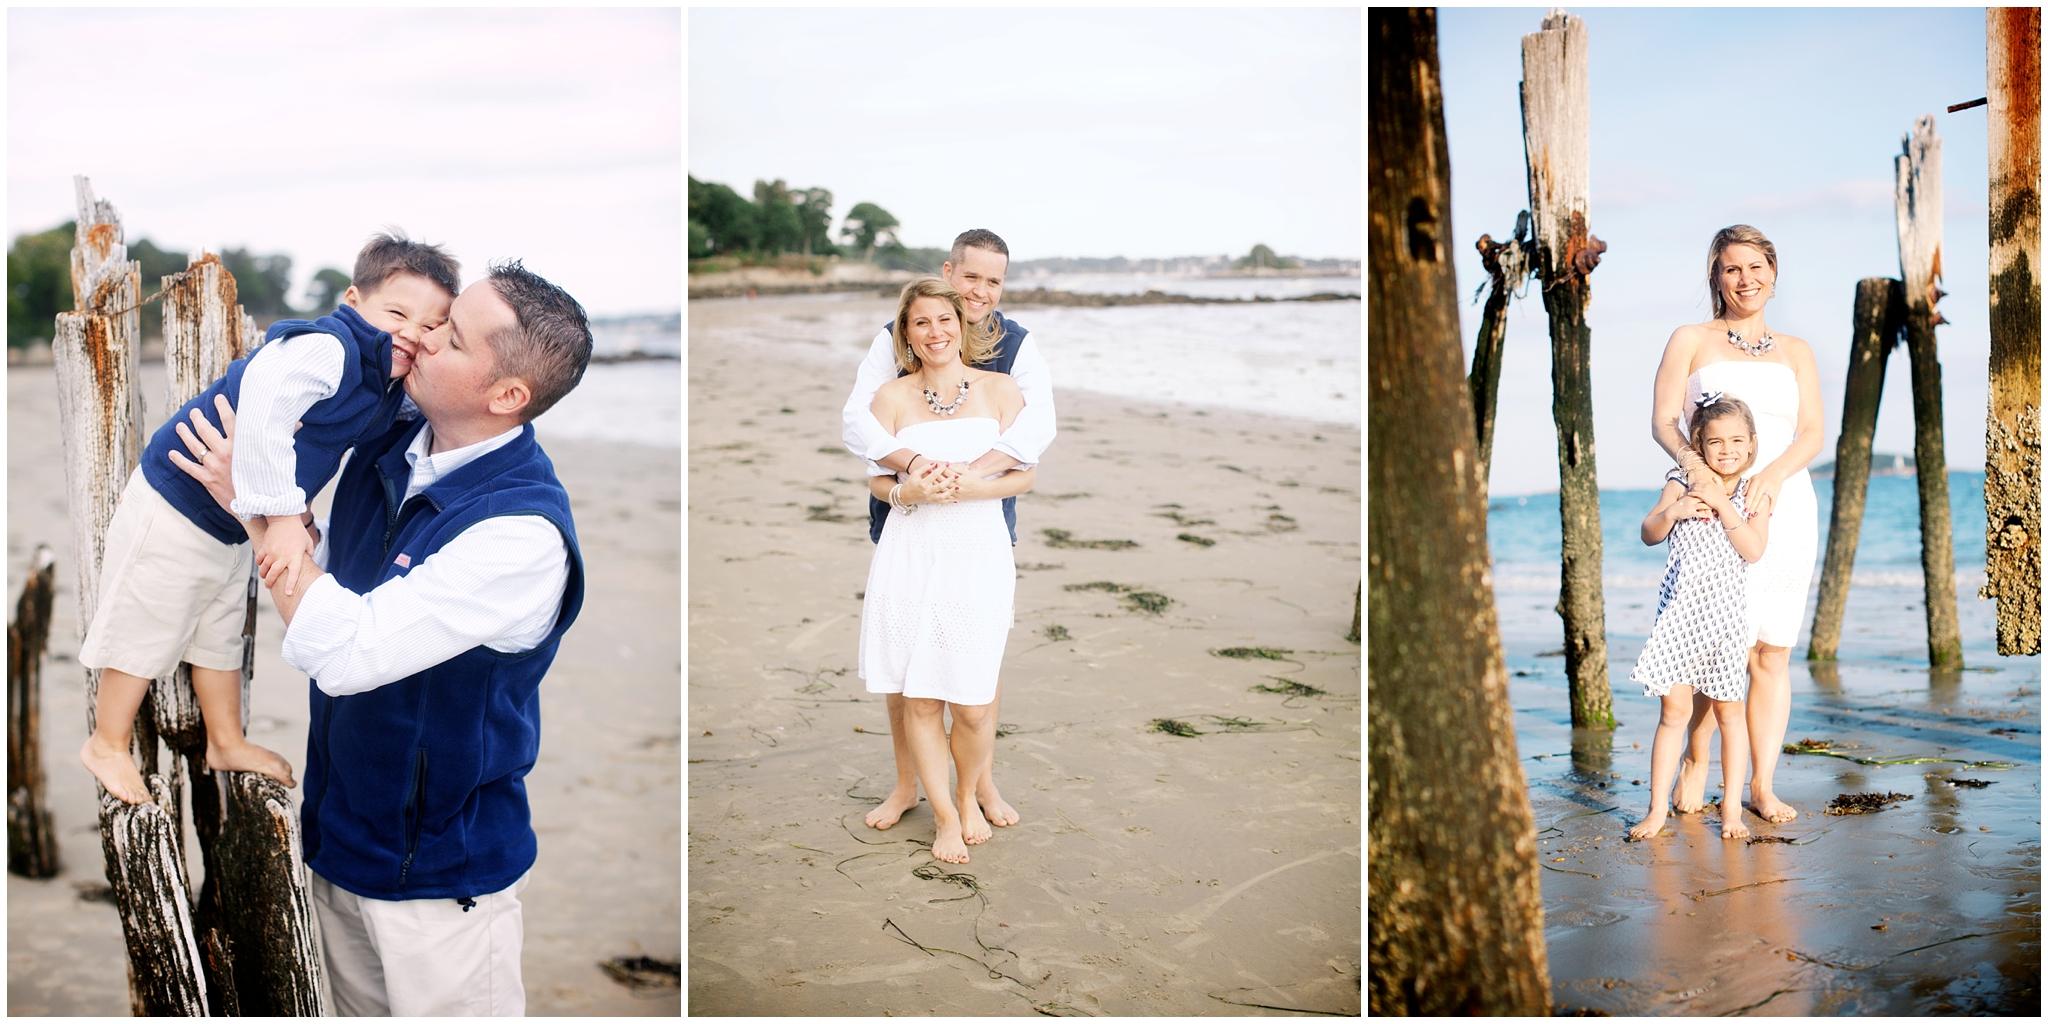 beachfamily_0006.jpg